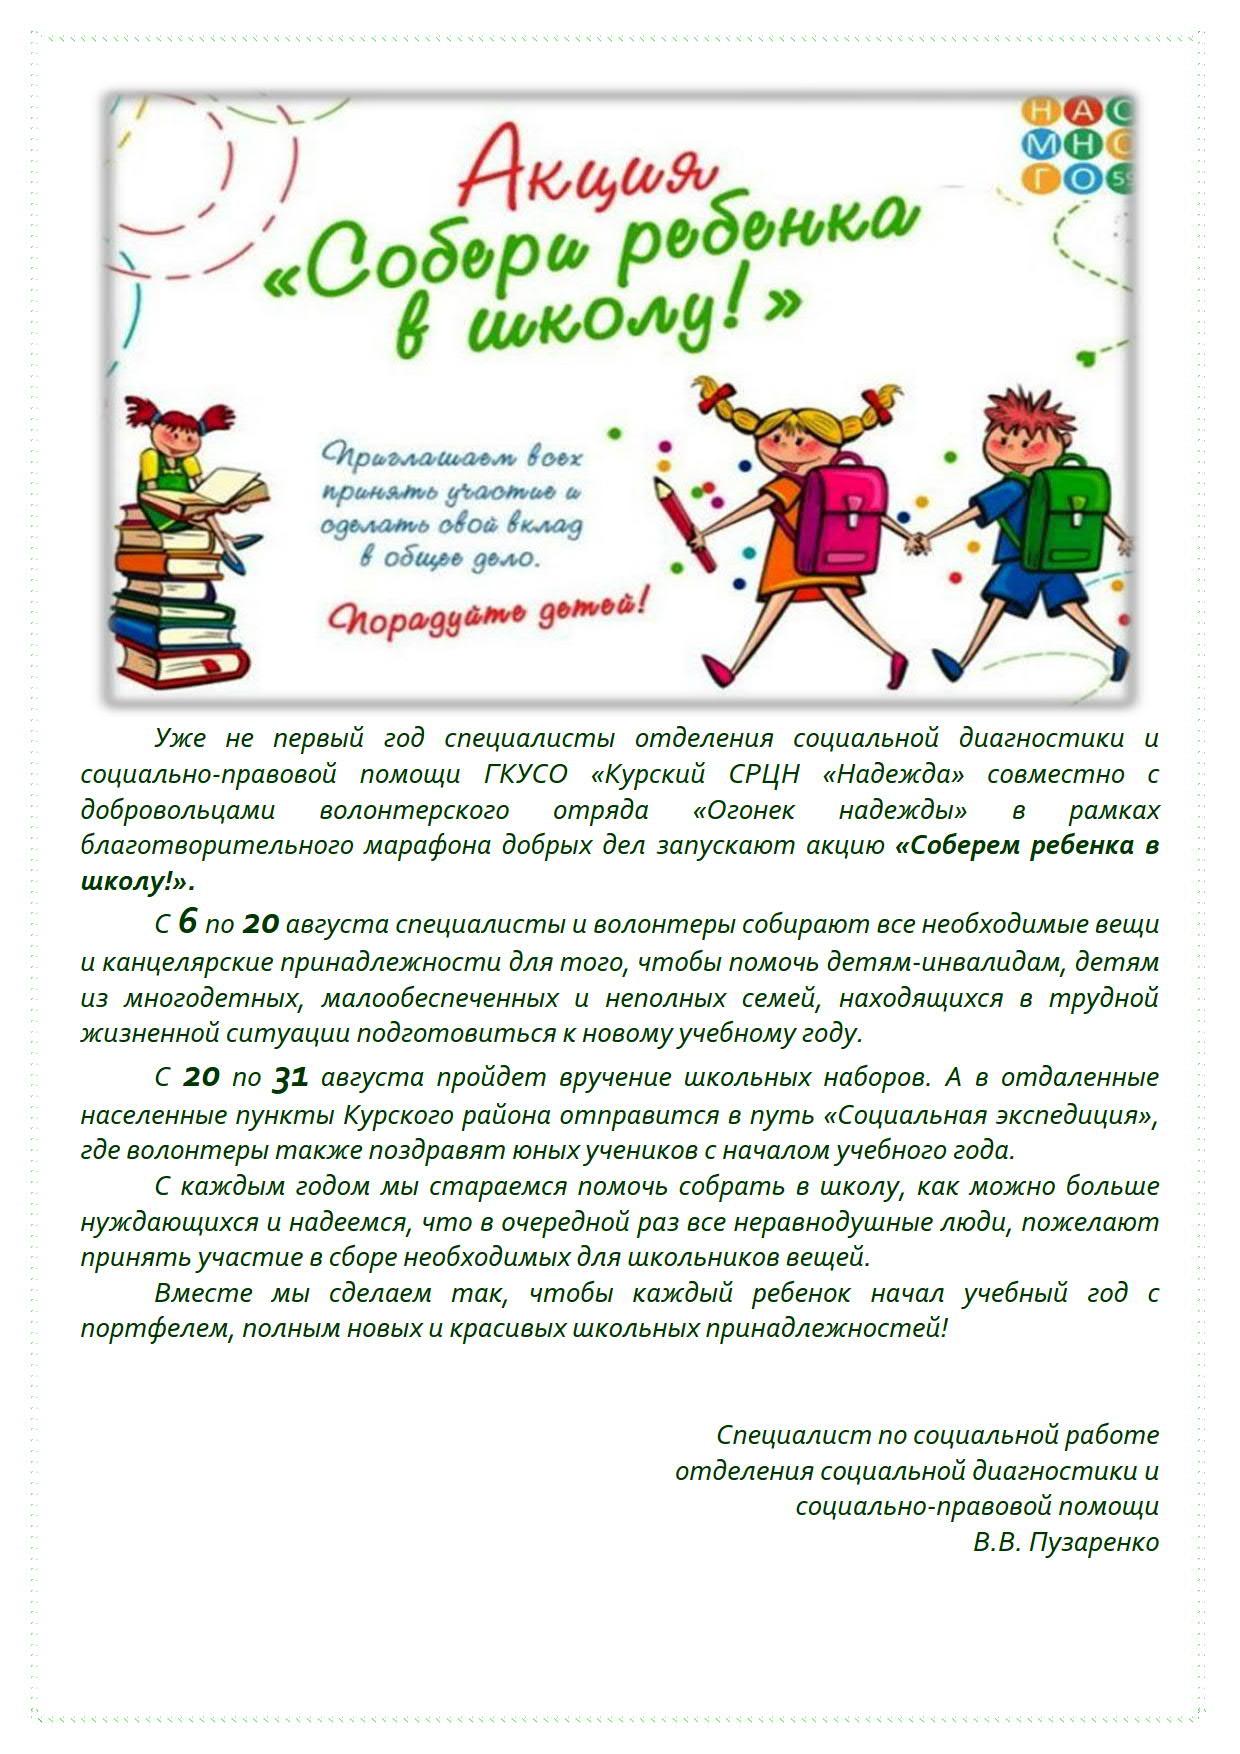 статья по акции соберем ребенка в школу_1